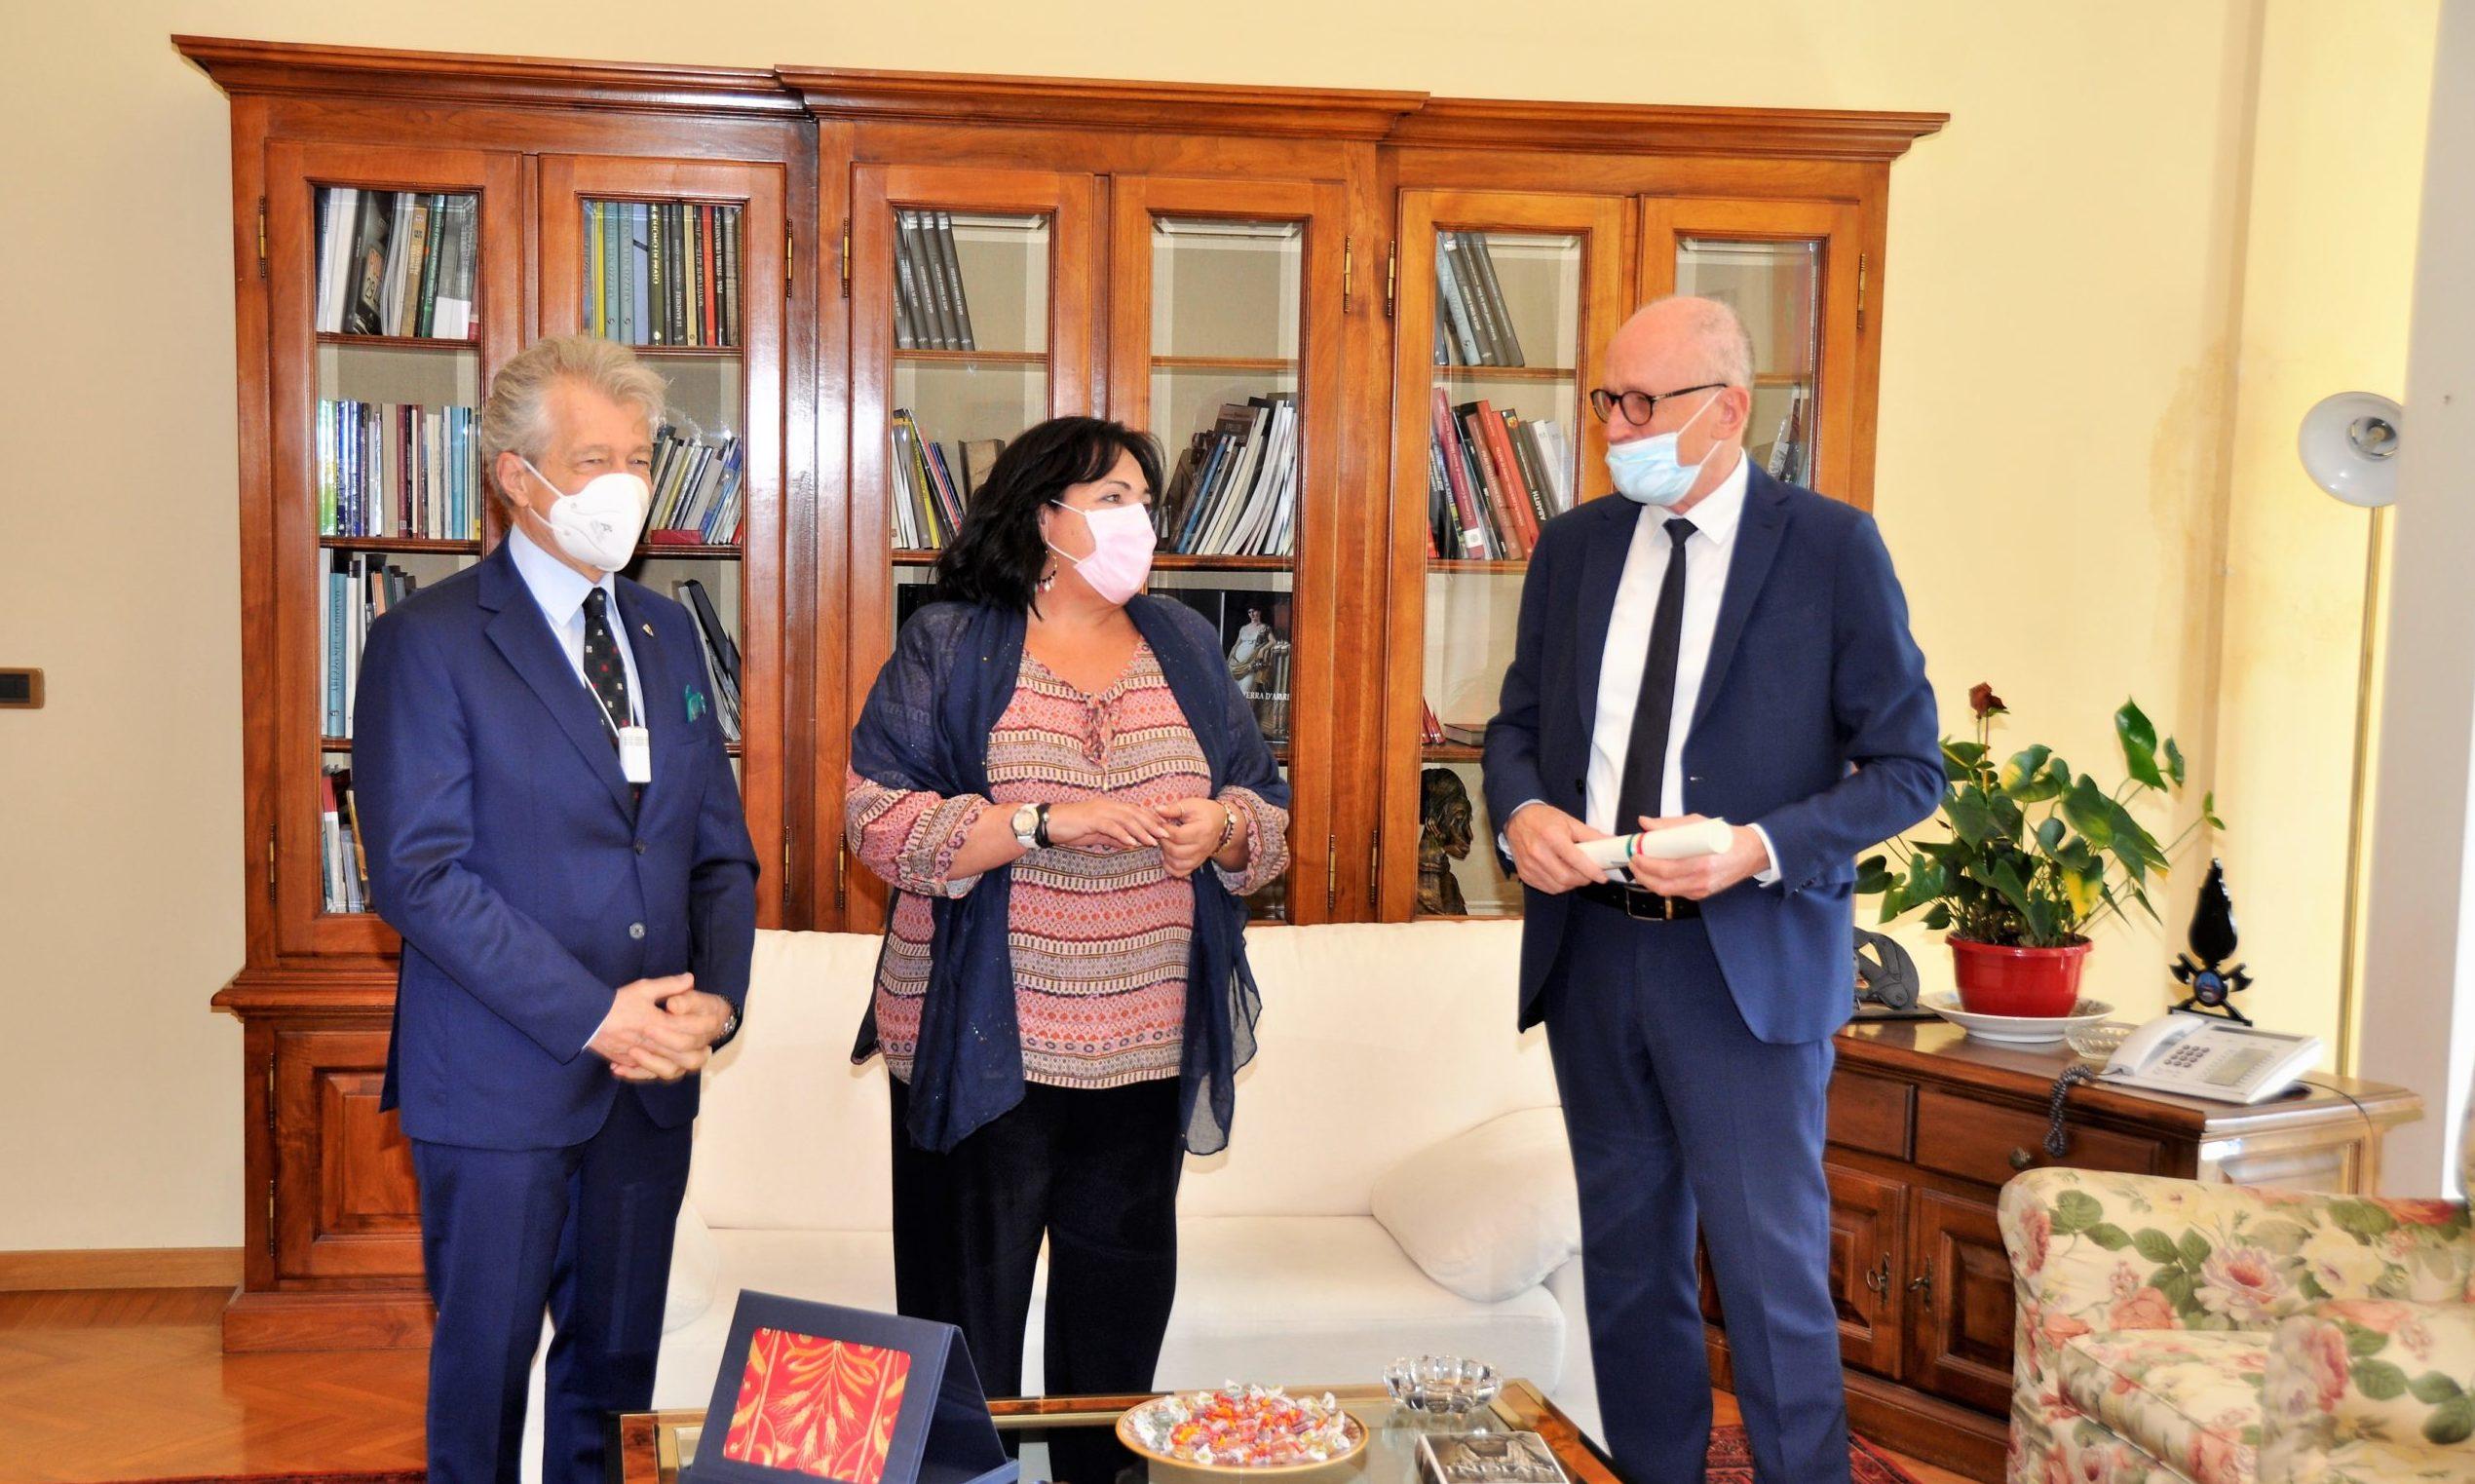 Franco Vaccari insignito dell'onorificenza di Grande Ufficiale al Merito della Repubblica Italiana